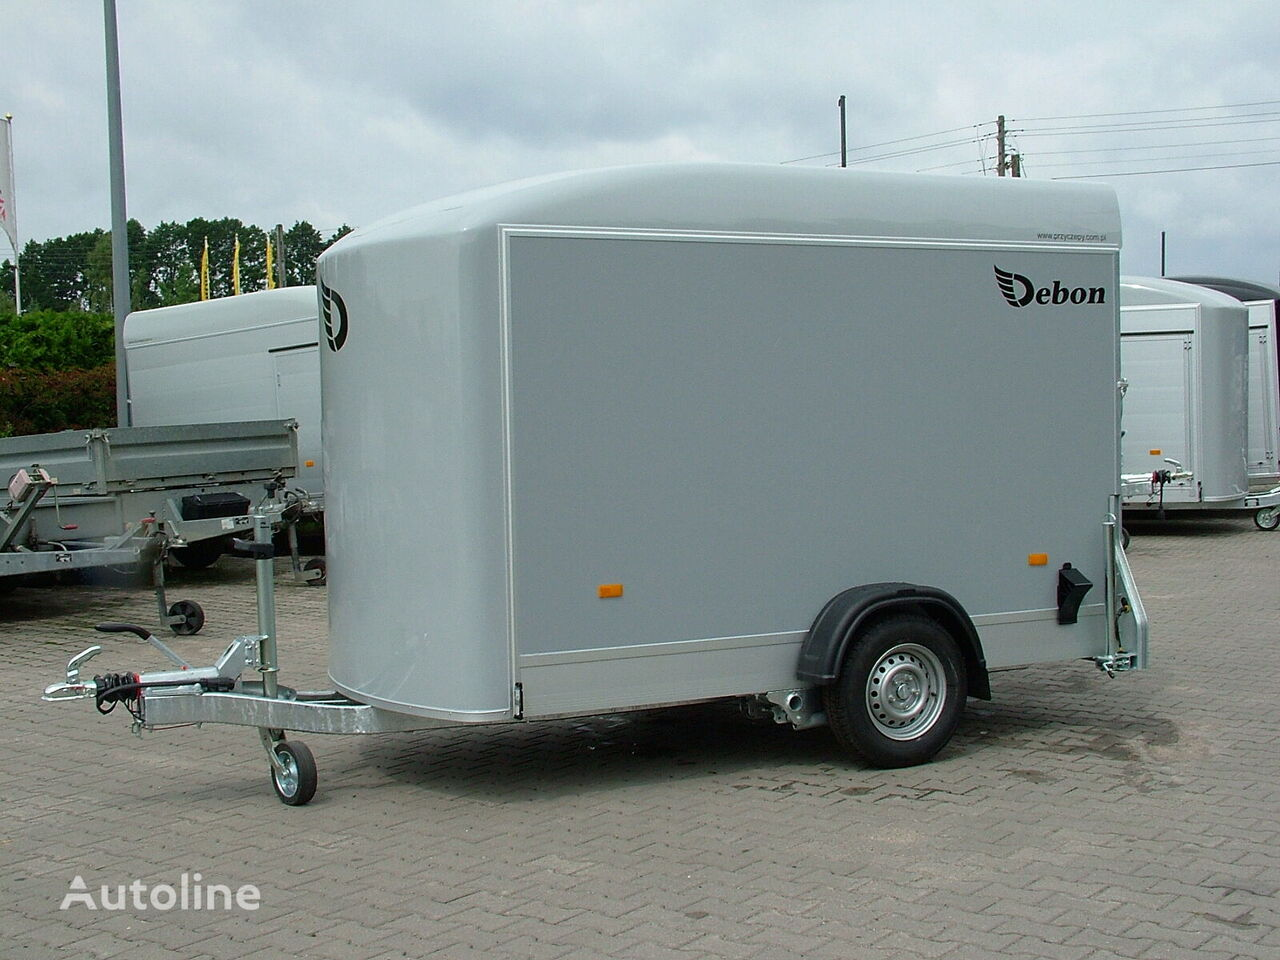 new Cheval liberte Przyczepa Kontener Cargo C 300 Przyczepa zabudowana i zamykana closed box trailer